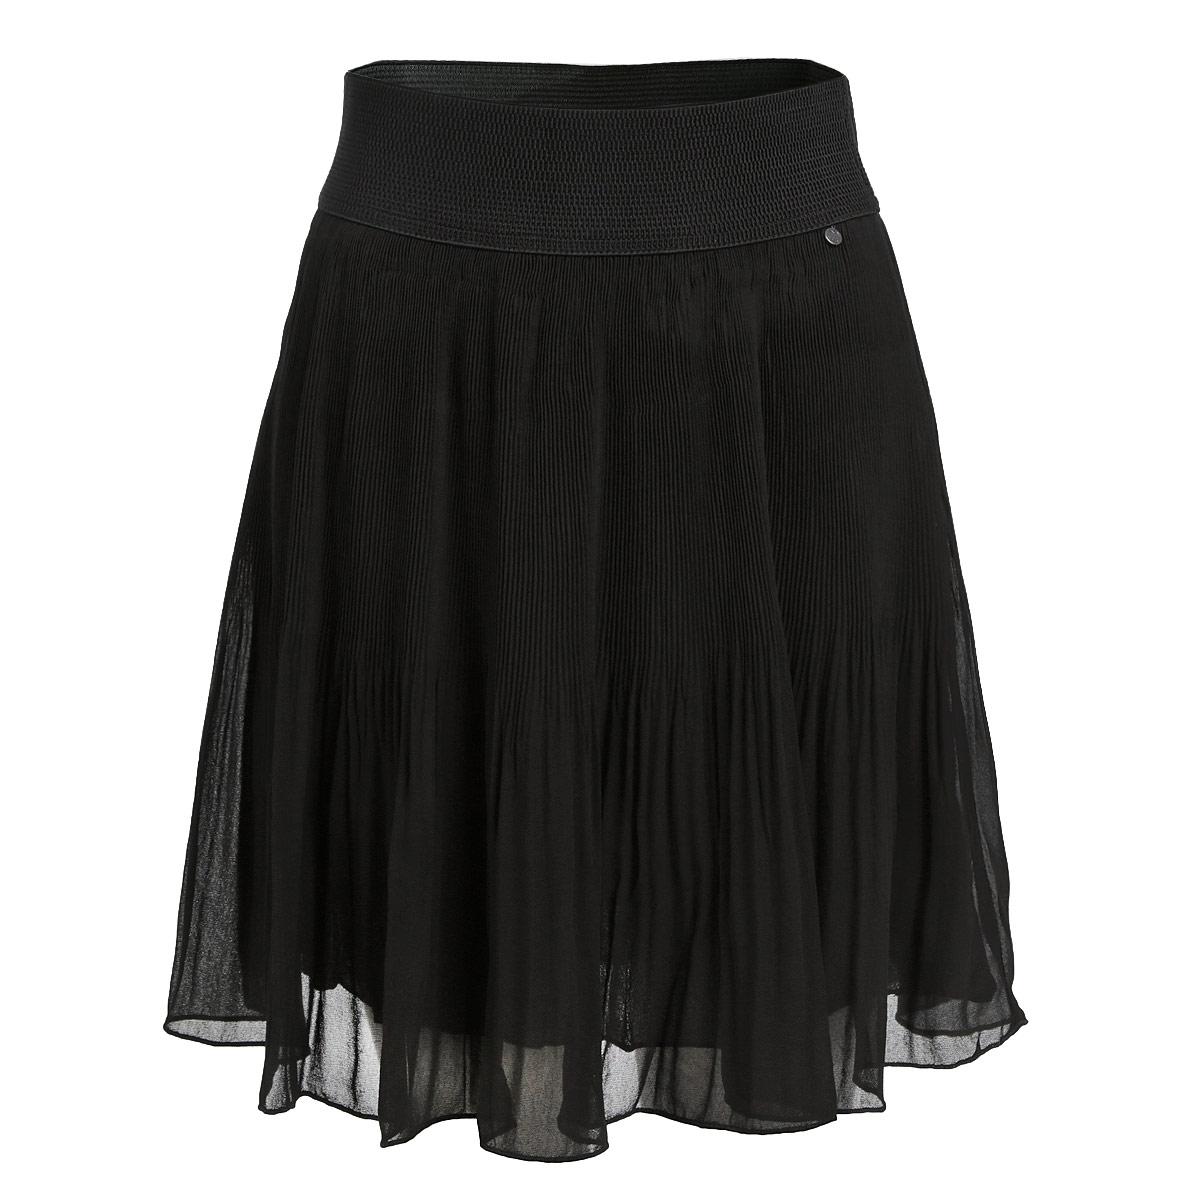 Юбка. 1325913259Стильная юбка-плиссе F5 выполнена из легкого струящегося и приятного на ощупь полиэстера. Юбка на талии имеет широкую эластичную резинку. Для большего комфорта предусмотрен подъюбник. Стильная юбка выгодно освежит и разнообразит любой гардероб. Создайте женственный образ и подчеркните свою яркую индивидуальность!